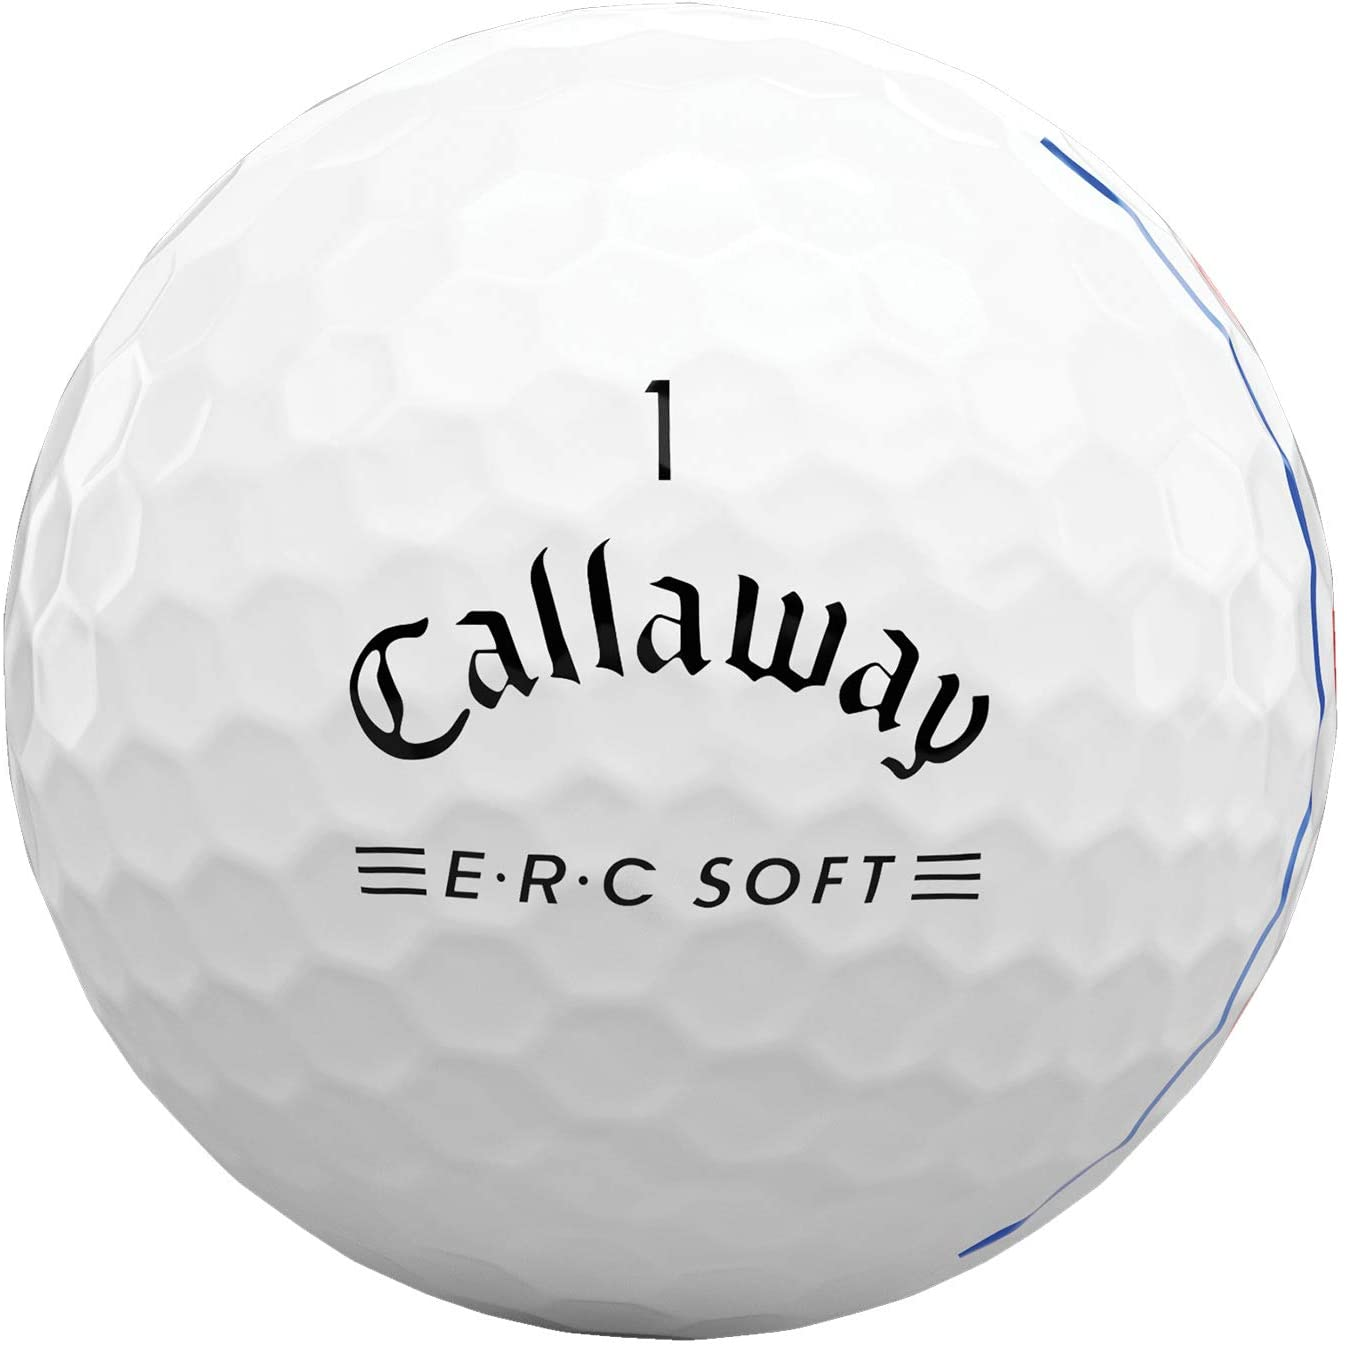 callaway erc soft core, best golf balls of 2021